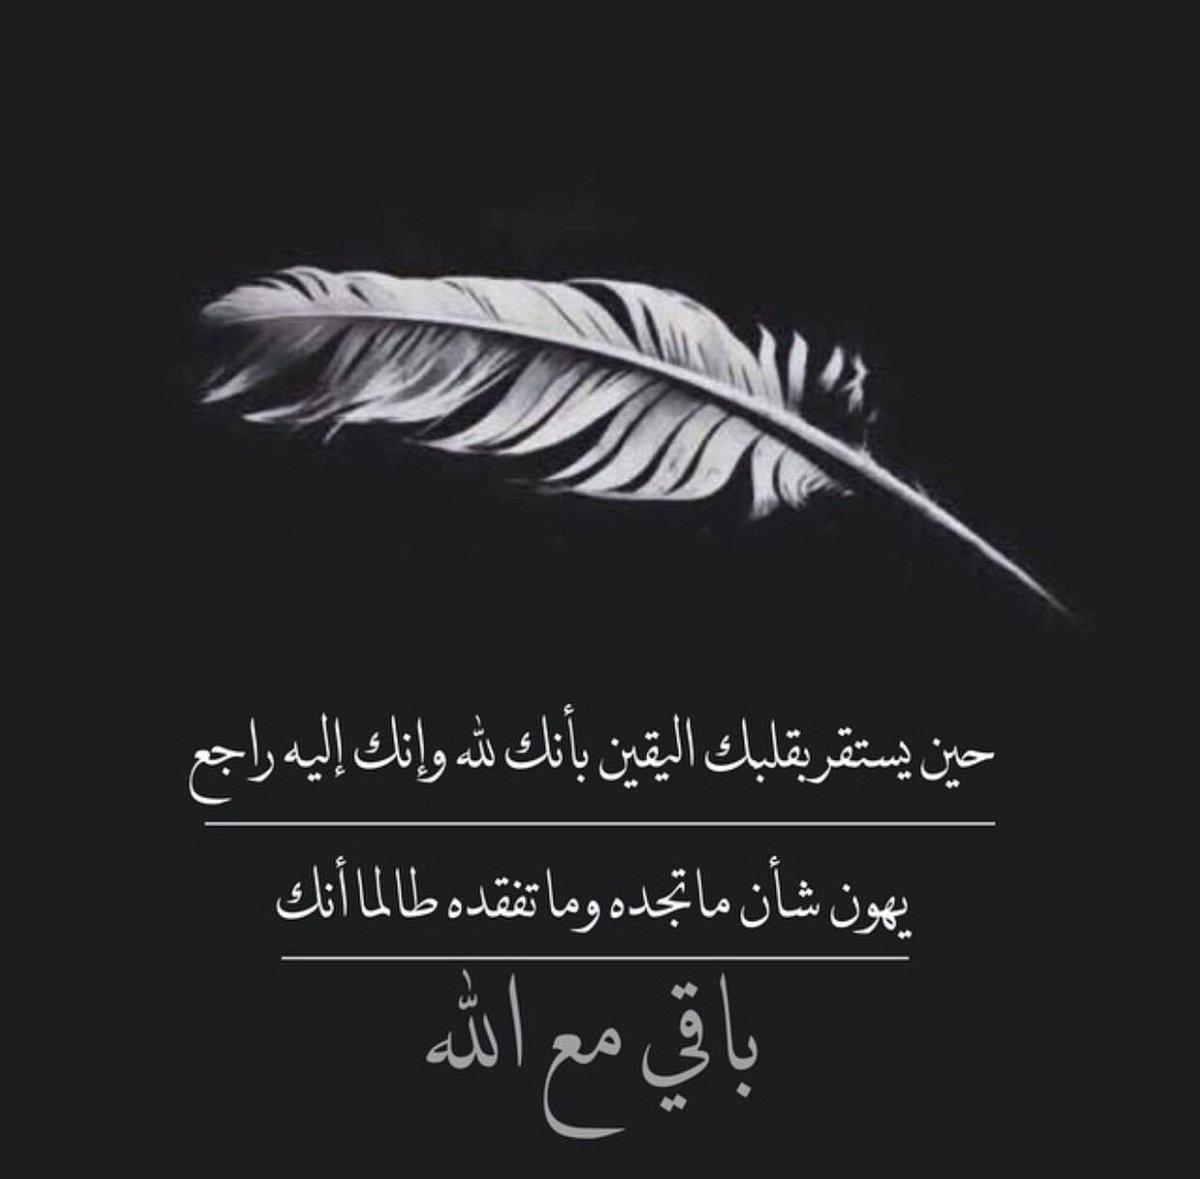 بالصور رمزيات اسلاميه , اجمل الصور والخلفيات الاسلامية 3050 4